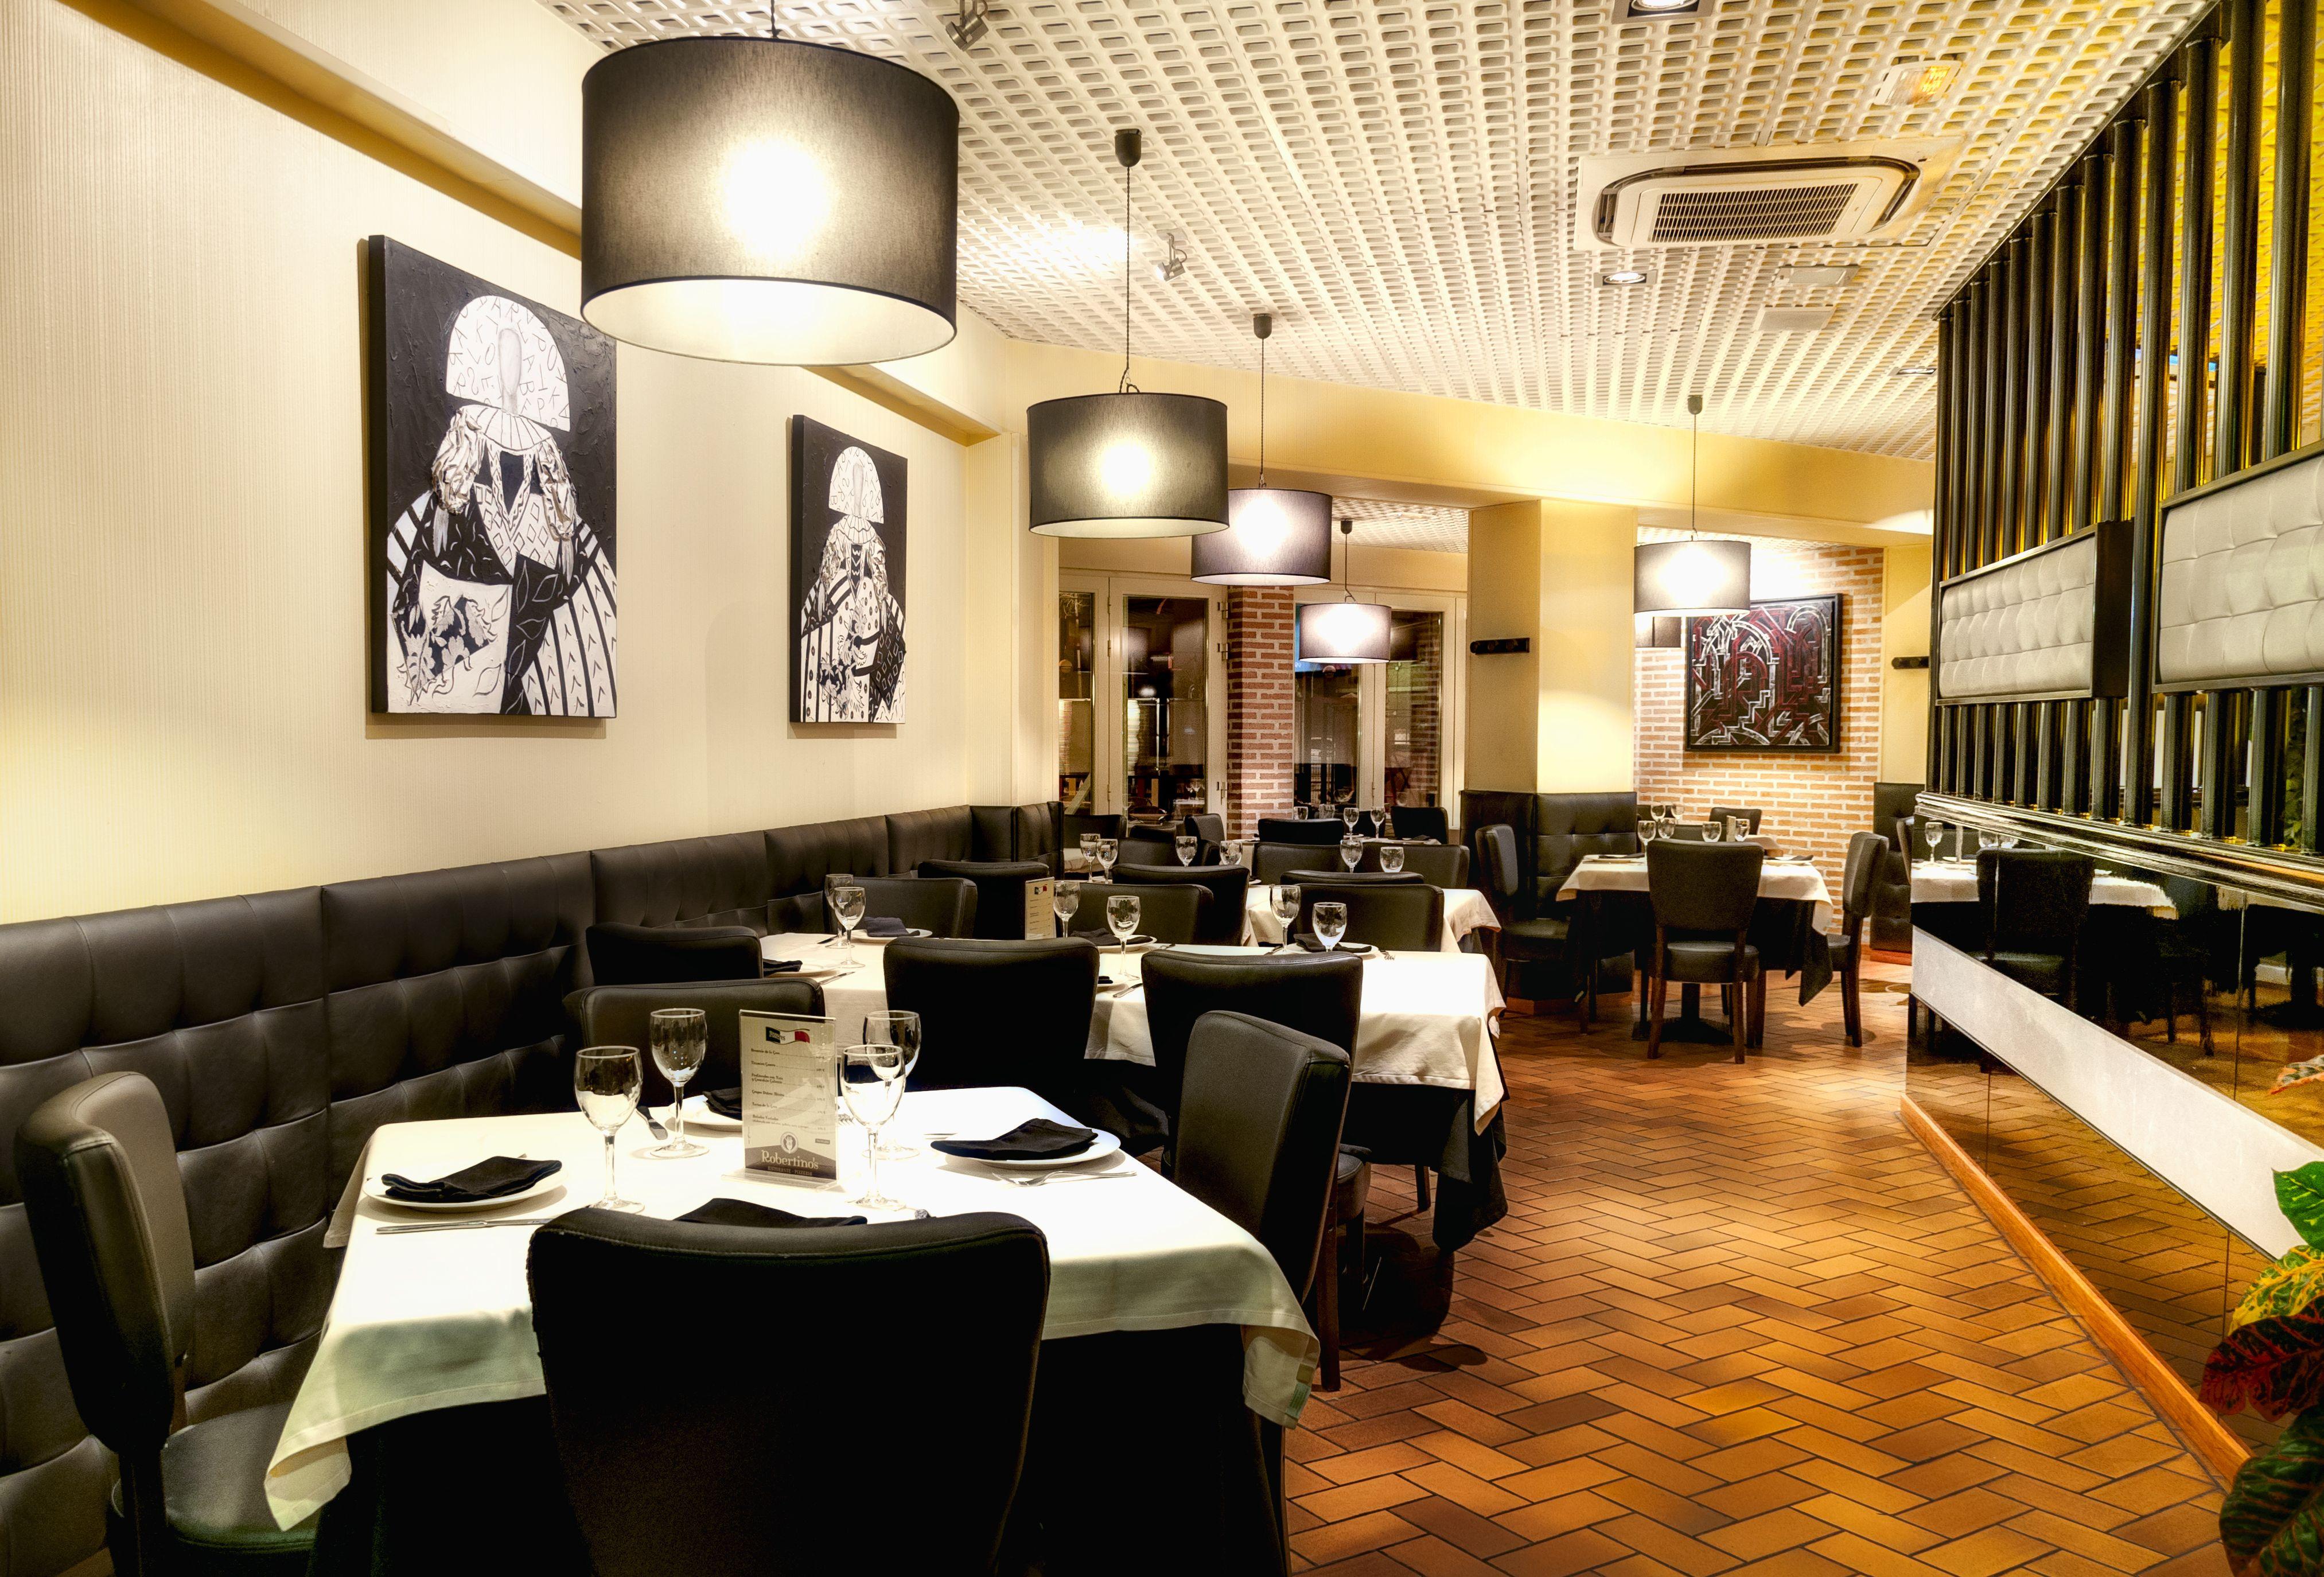 Foto 13 de Restaurante italiano en Collado Villalba | Restaurante Robertinos